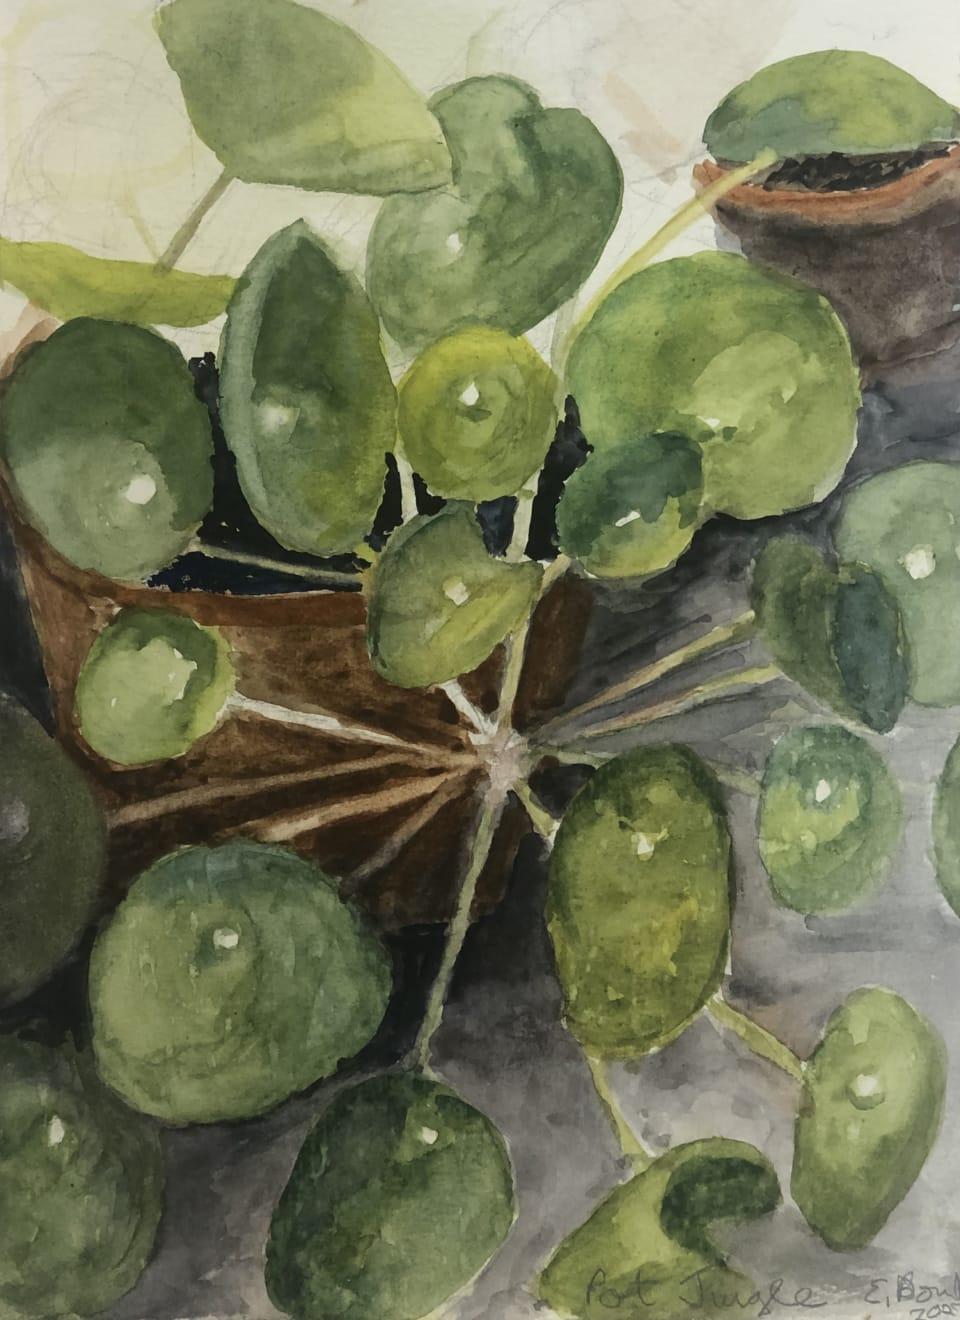 Summer Auction 2020, LOT 16 - Elisabeth Bond - 'Pot Jungle', 2020